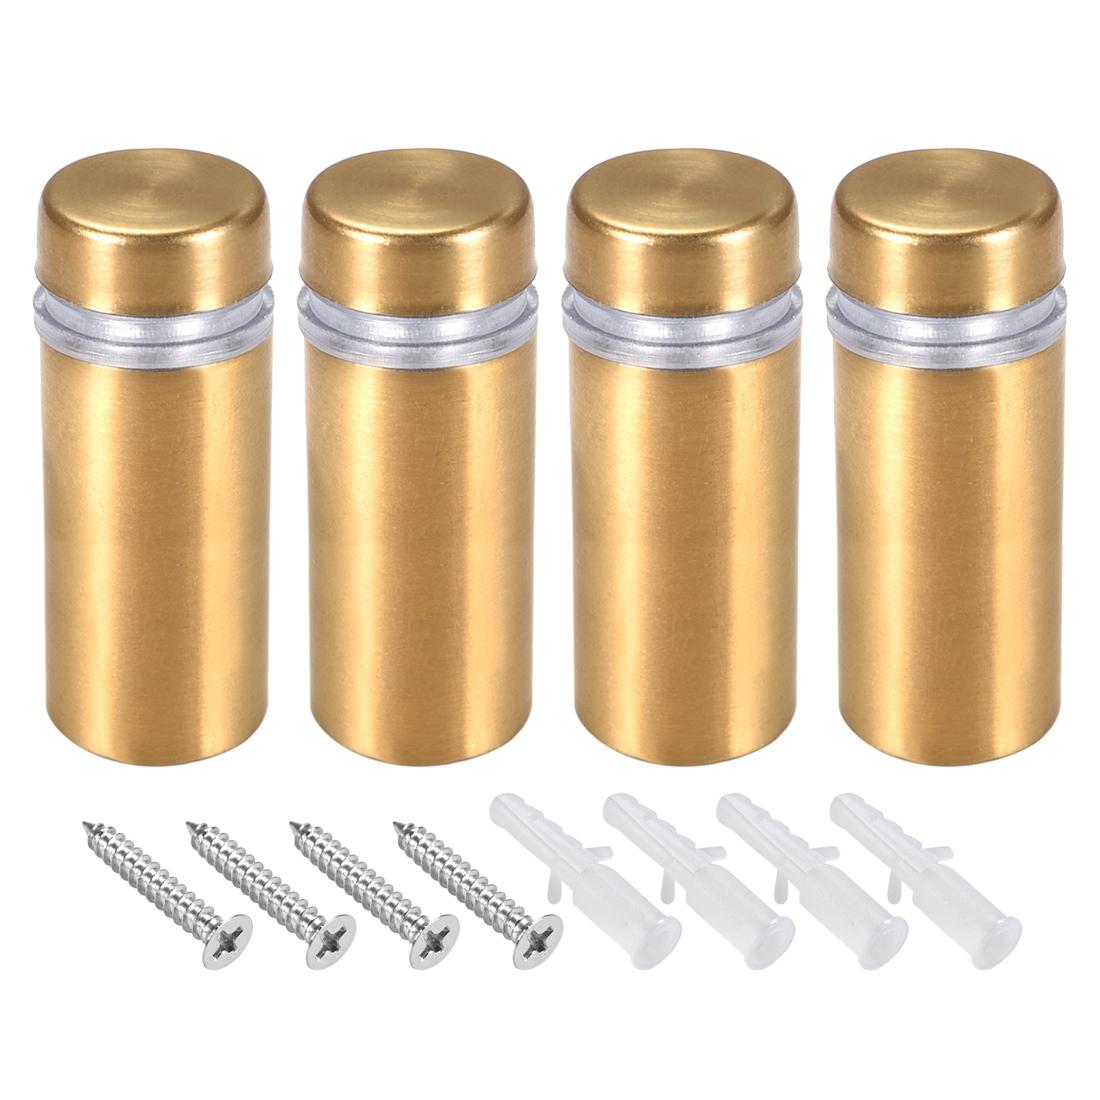 Glass Standoff Mount Wall Standoff Nails 12mm Dia 32mm Length Golden 4 Pcs